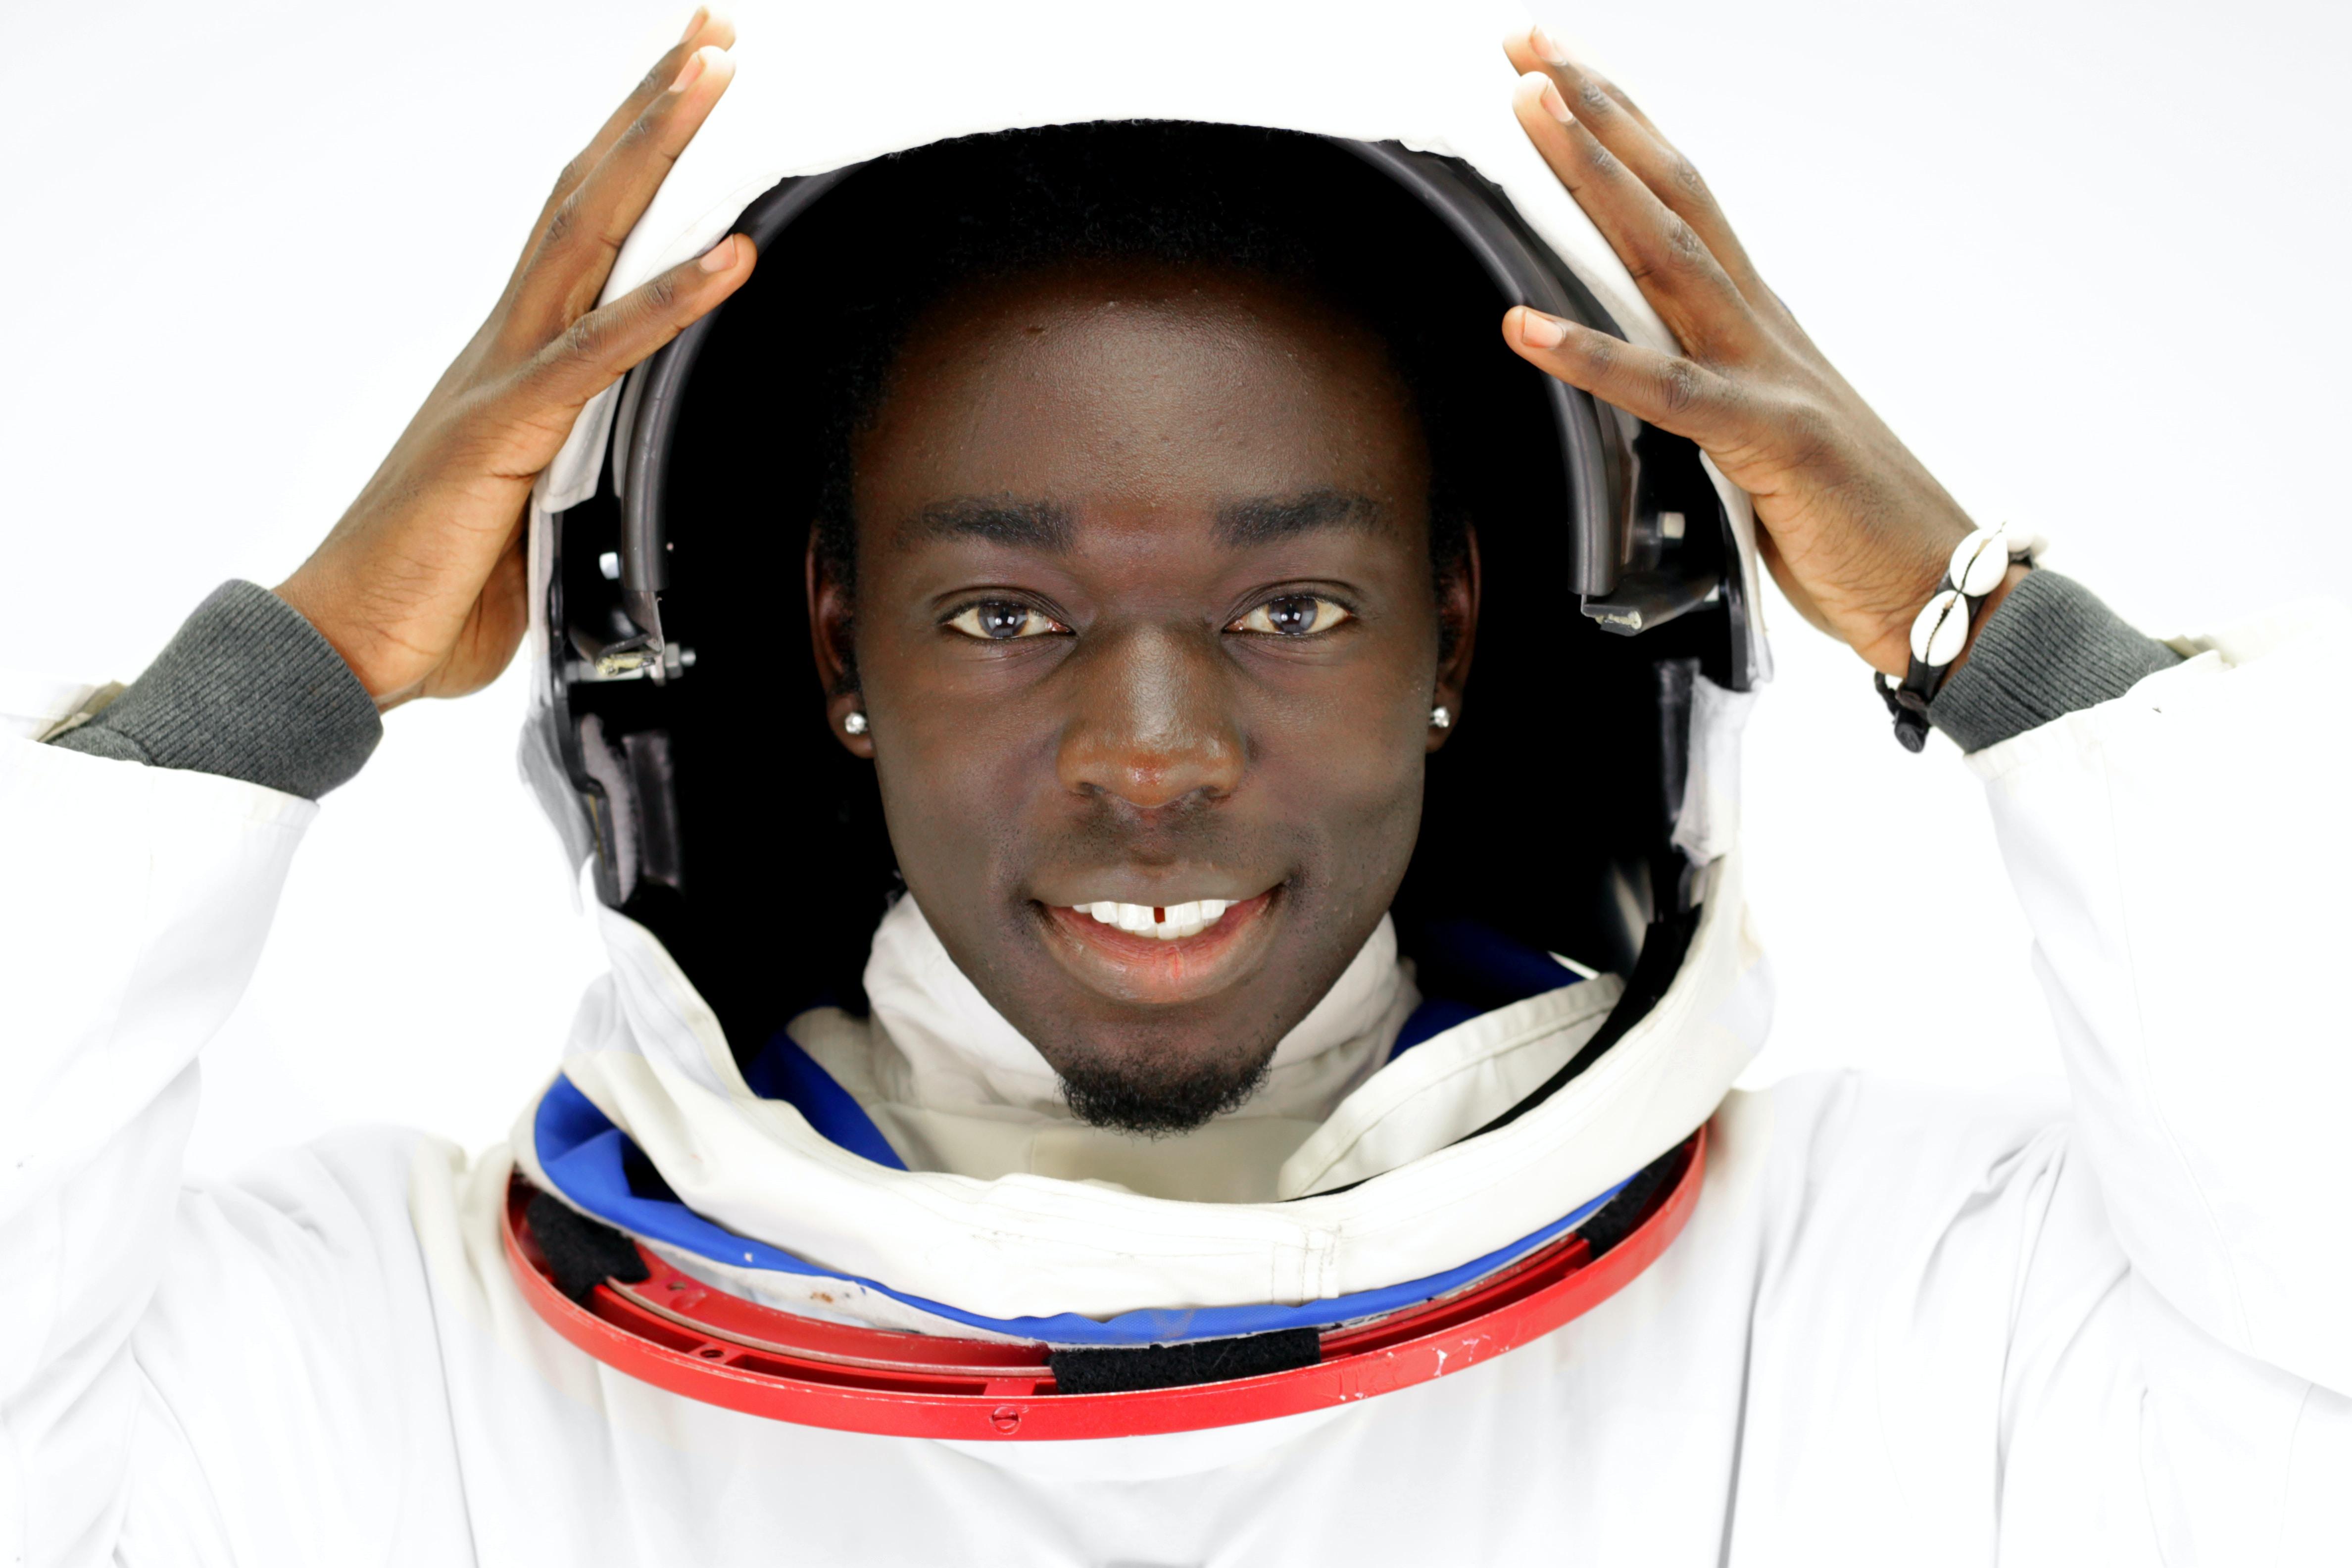 man wearing white suit